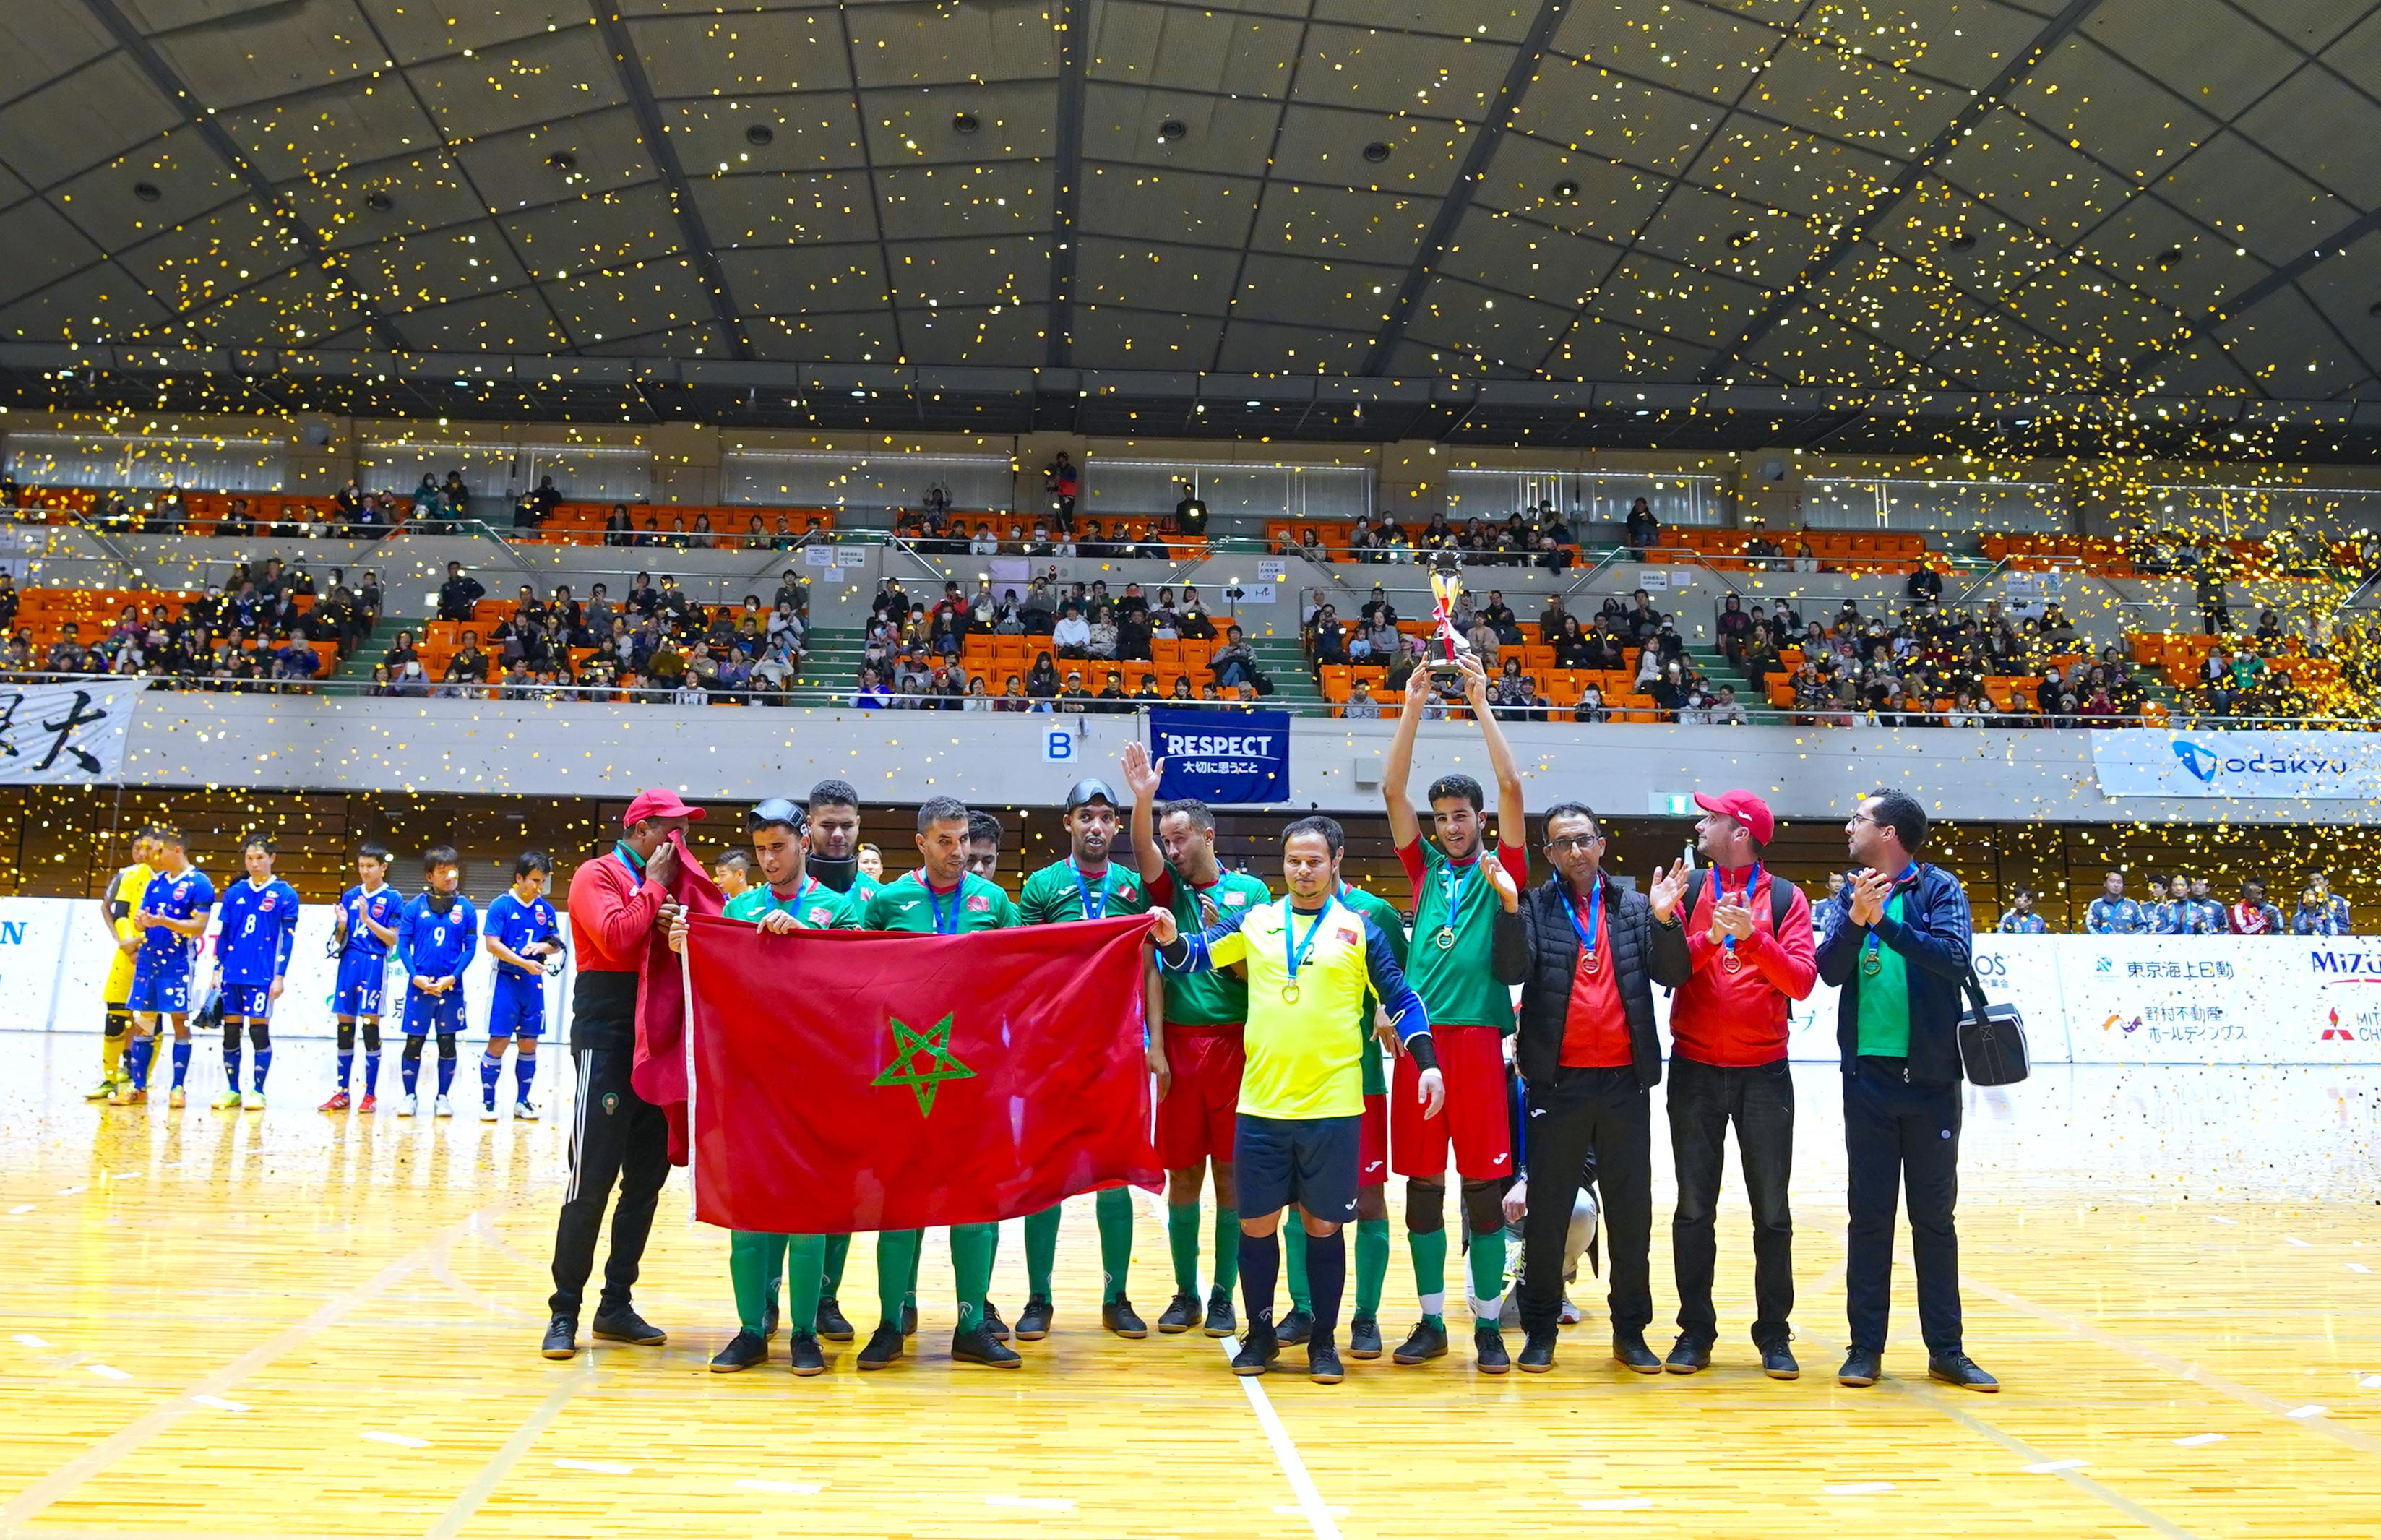 5−1でモロッコが圧勝!〜ブラインドサッカー チャレンジカップ2019〜